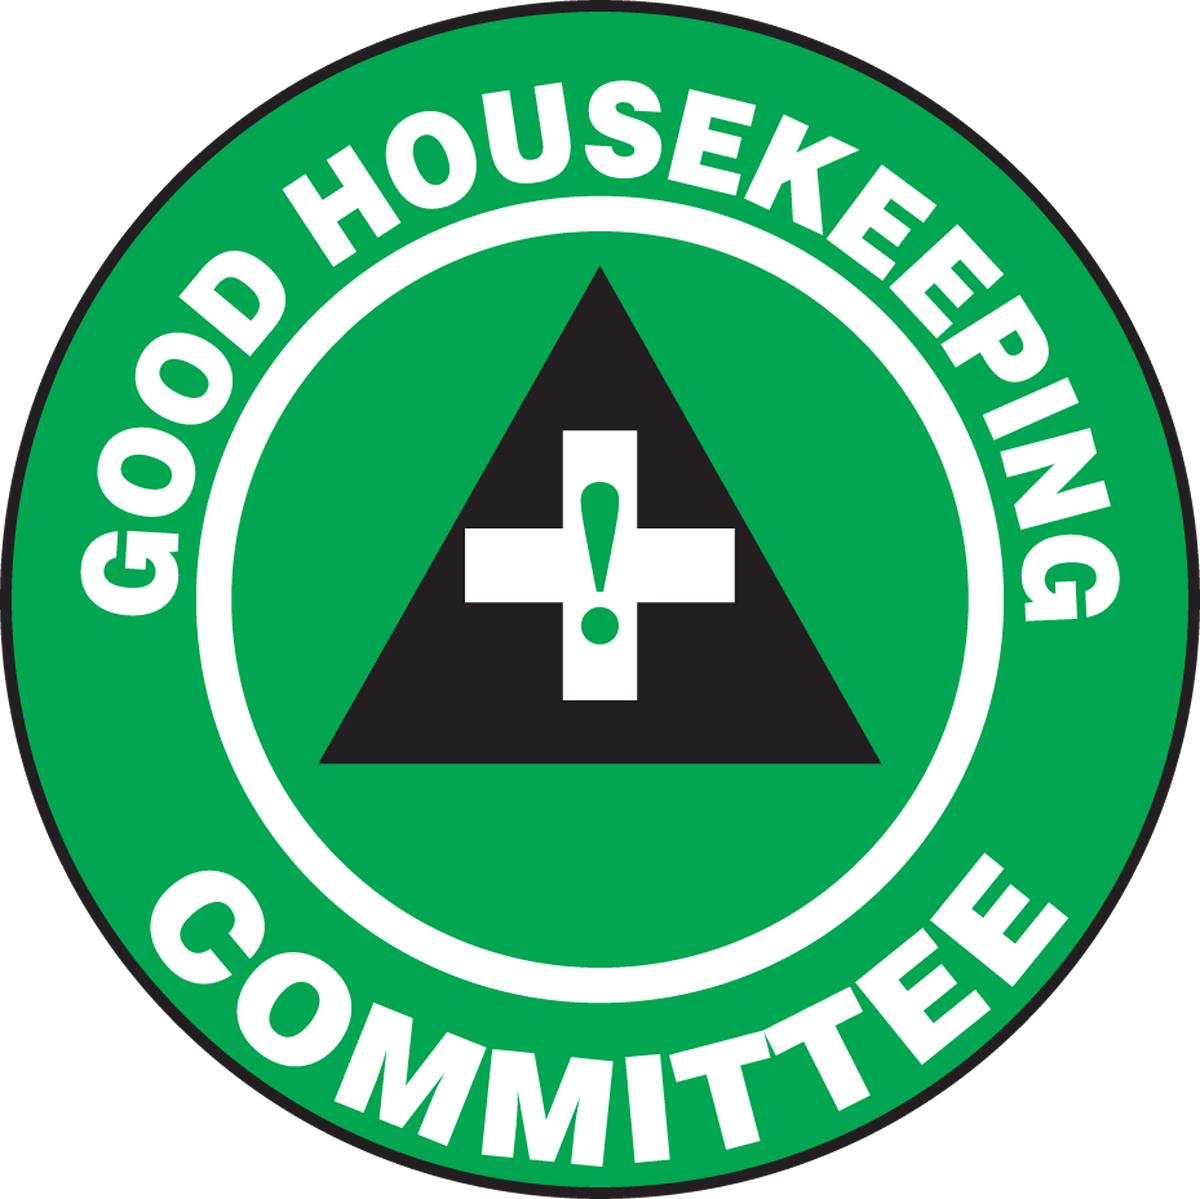 GOOD HOUSEKEEPING COMMITTEE